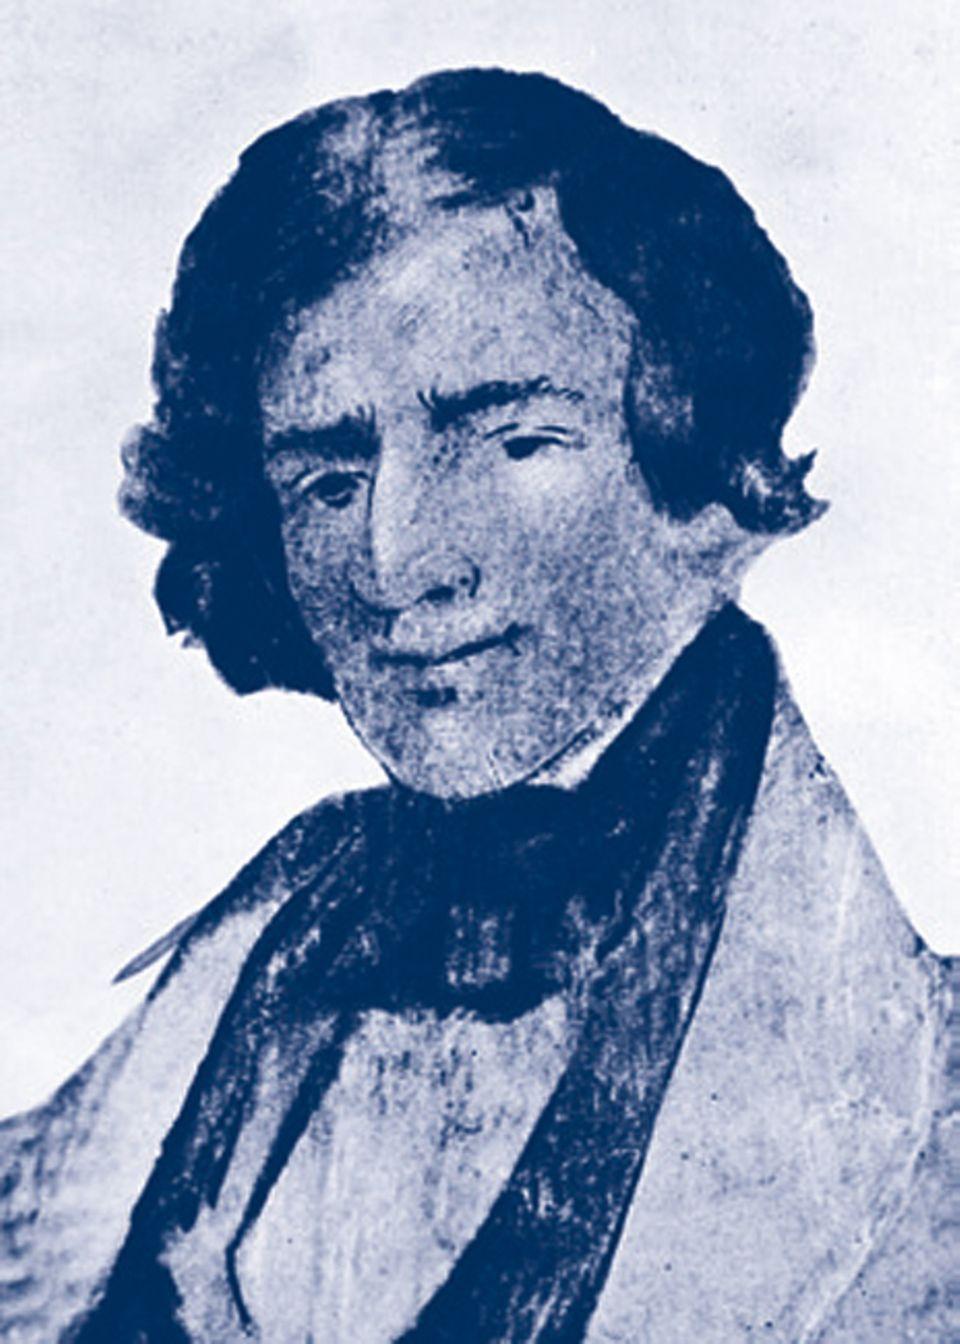 Trapper - 1803-1840: Jedediah Smith ist einer der erfolgreichsten Trapper, der Fallensteller im Wilden Westen